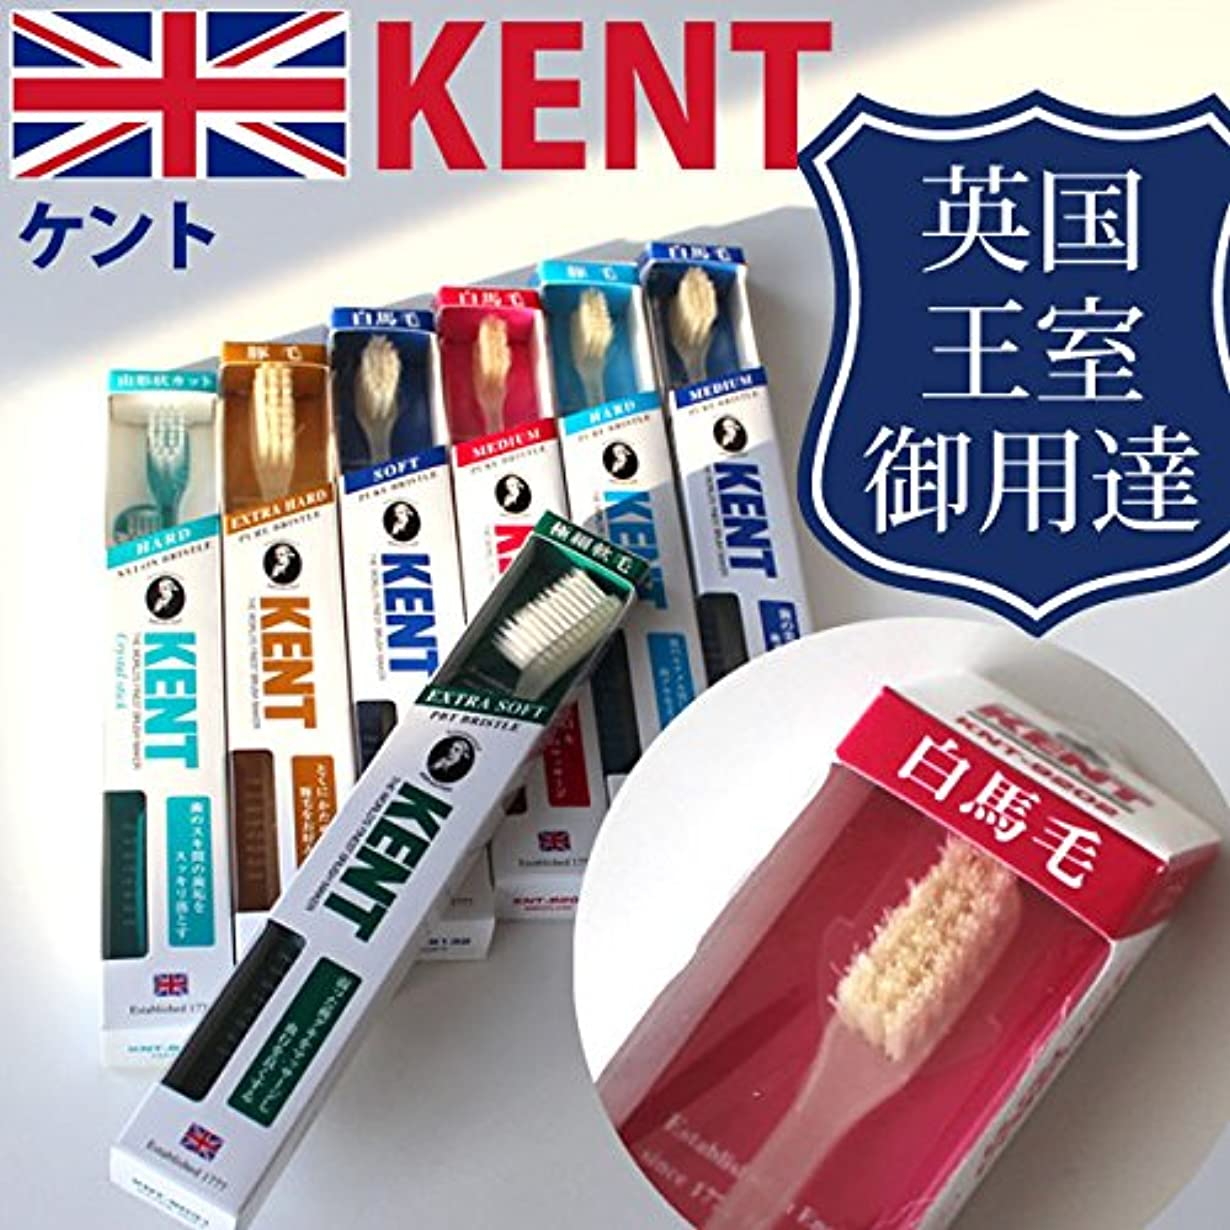 やけど相手読者ケント KENT 白馬毛 超コンパクト歯ブラシ KNT-9102/9202 6本入り 他のコンパクトヘッドに比べて歯 やわらかめ